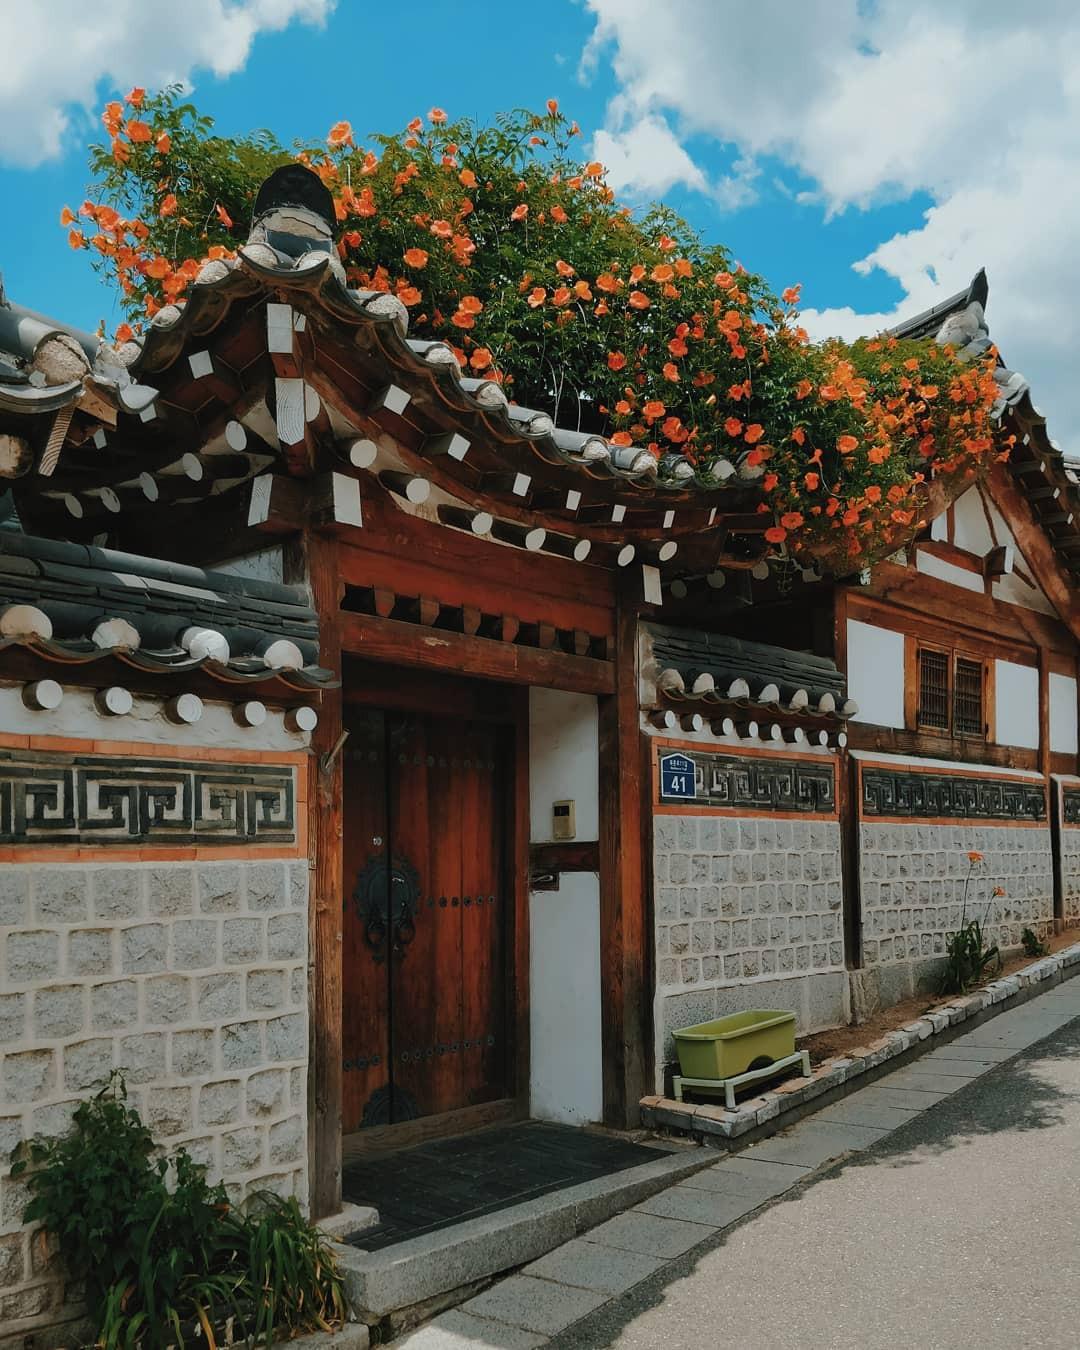 Thong thong khám phá văn hóa truyền thống tại 5 ngôi làng cổ đặc sắc nhất xứ Hàn - Ảnh 3.